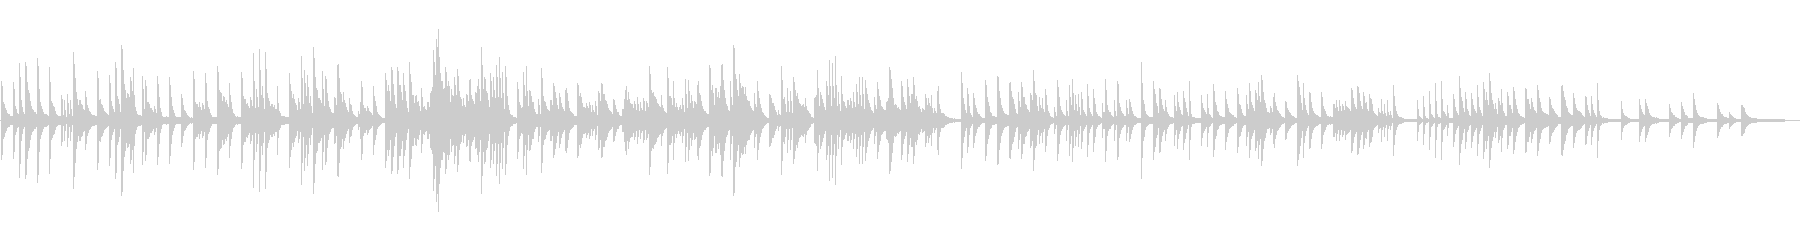 秋を意識したピアノの未再生の波形